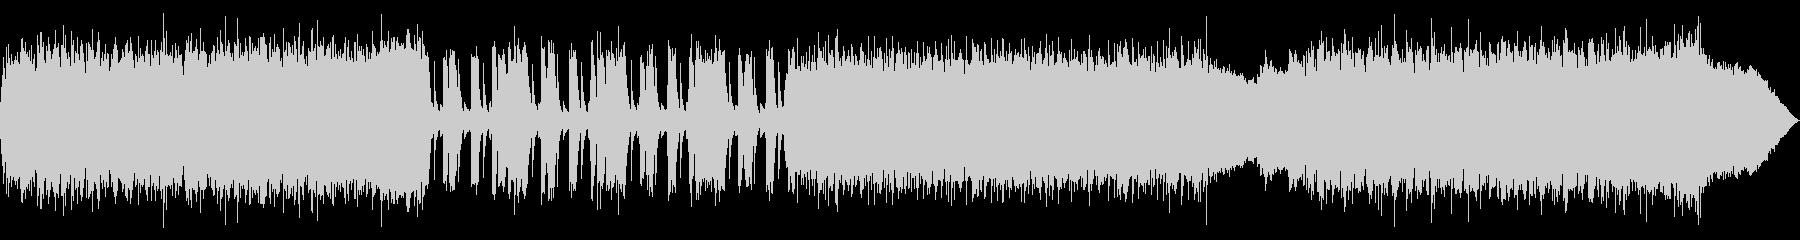 メタルバンド風BGMの未再生の波形